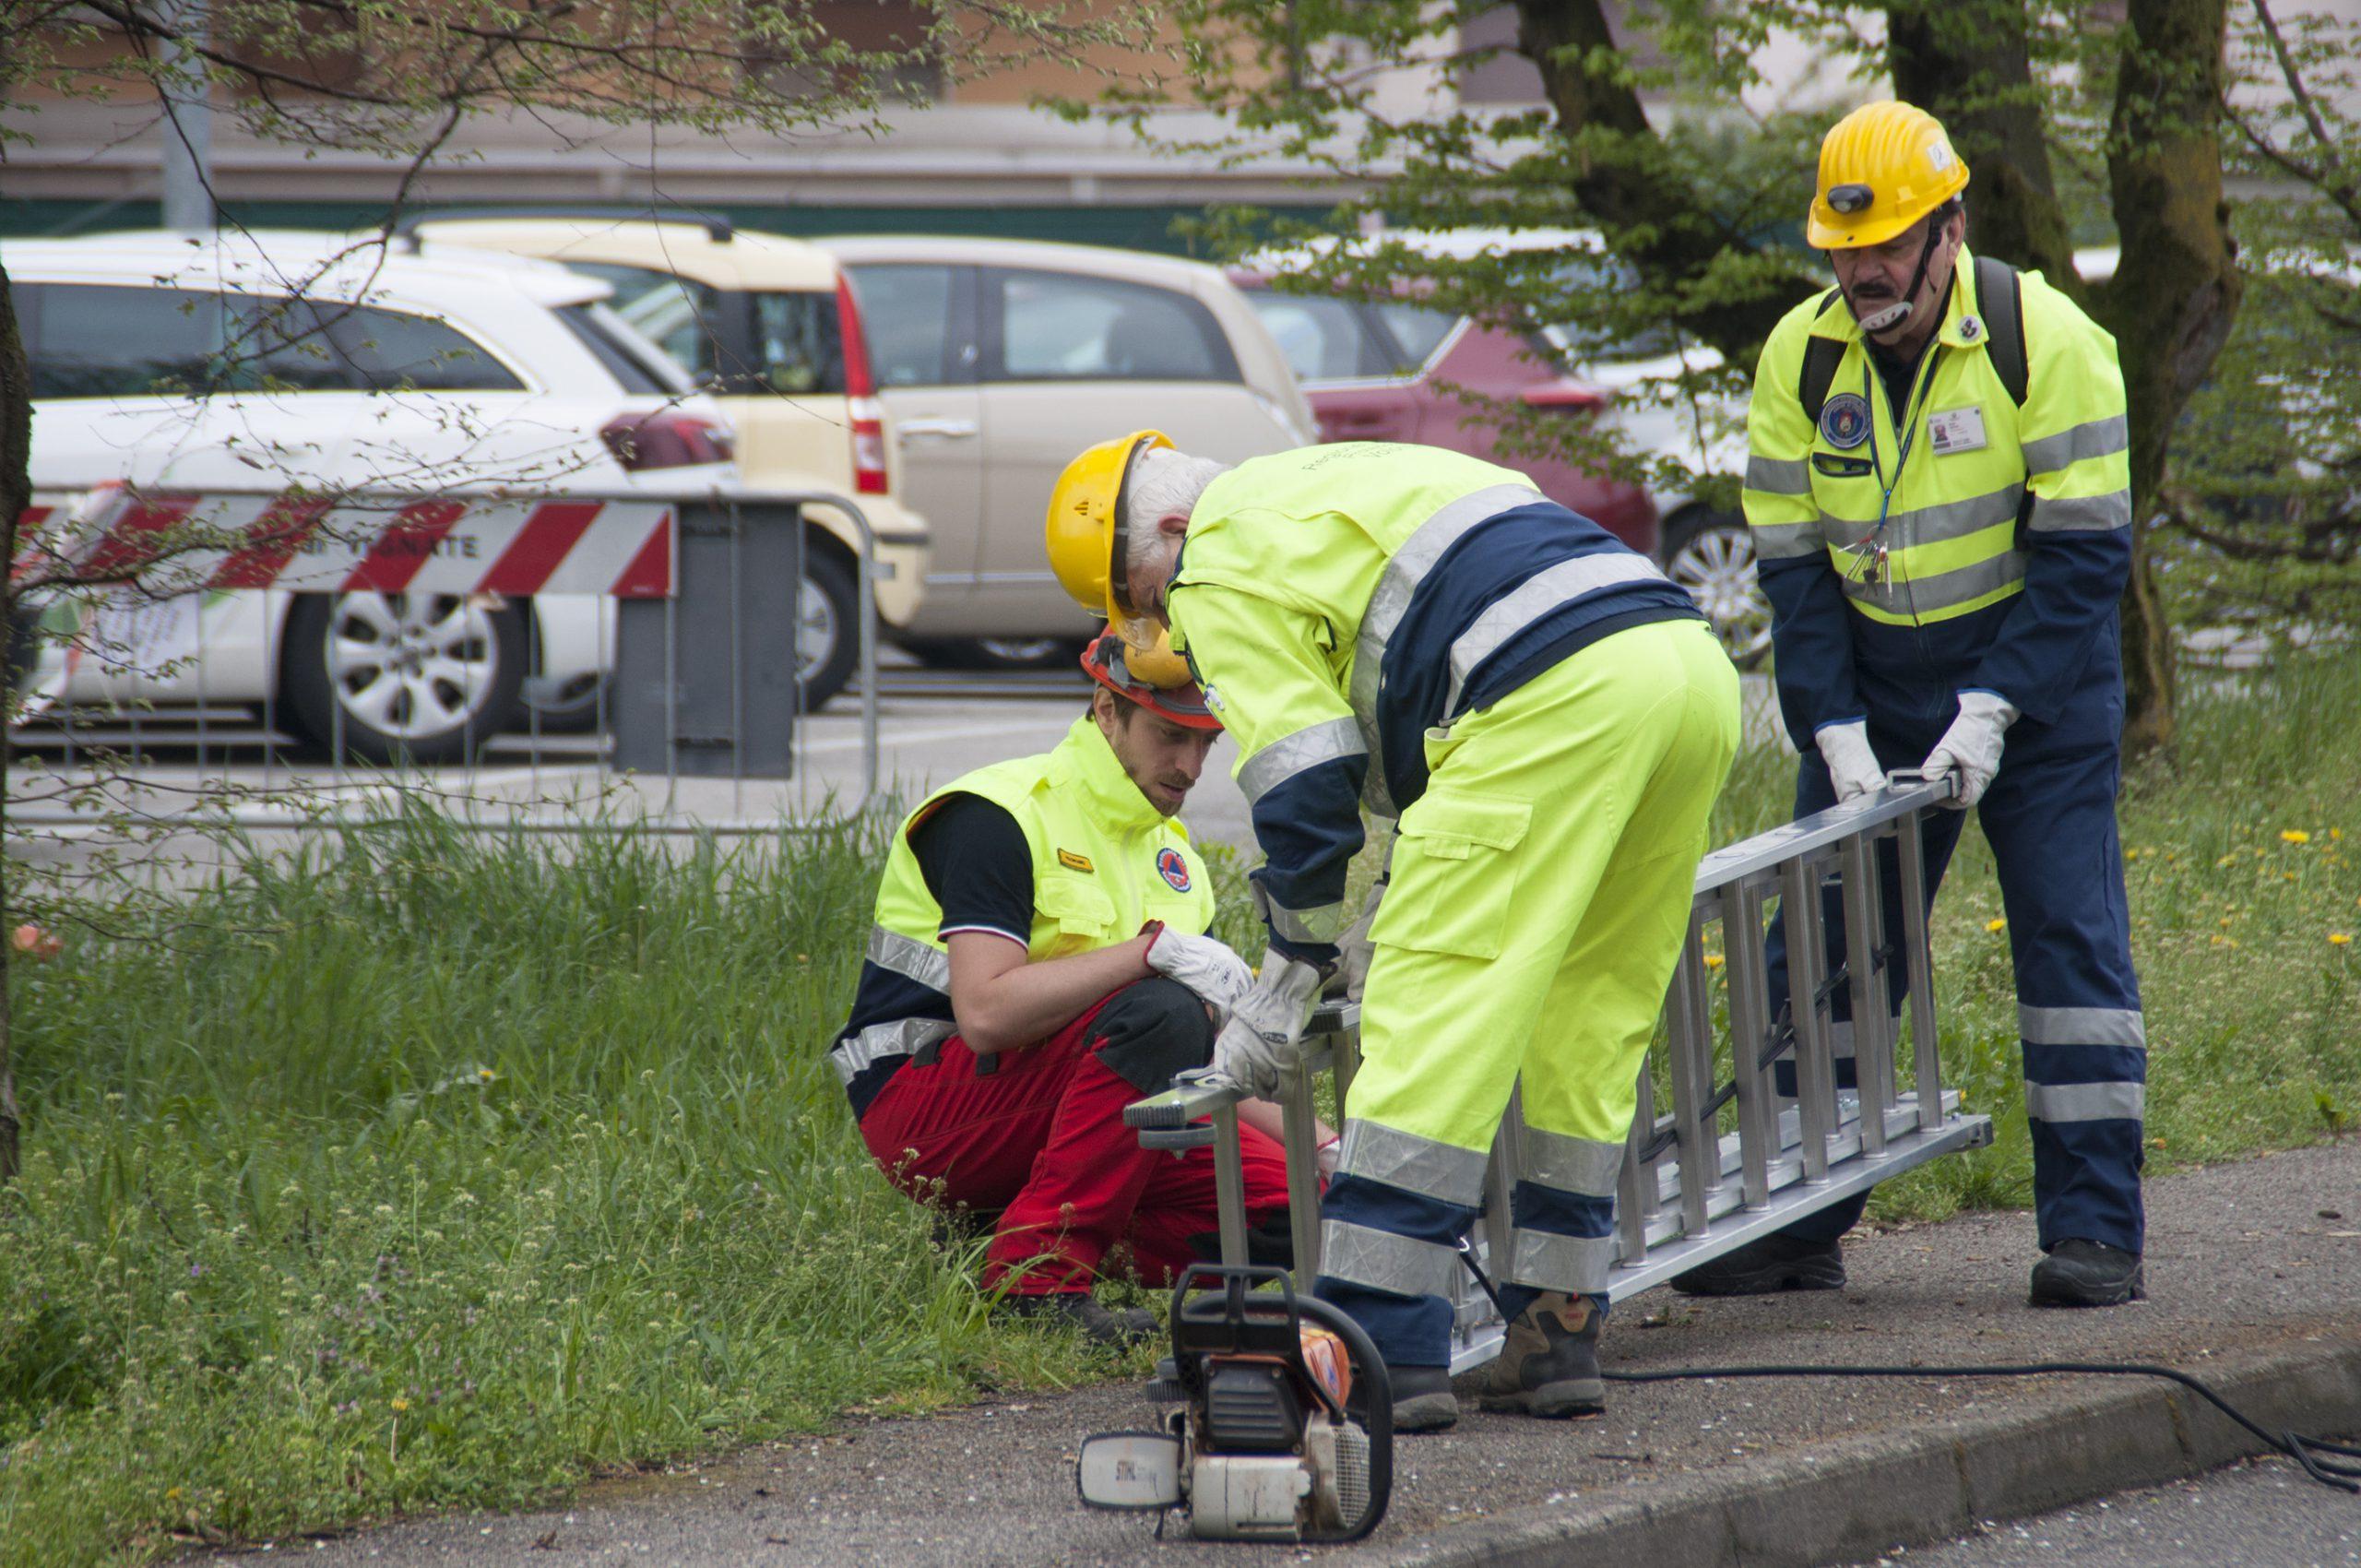 Volontari Protezione Civile Vignate con scala